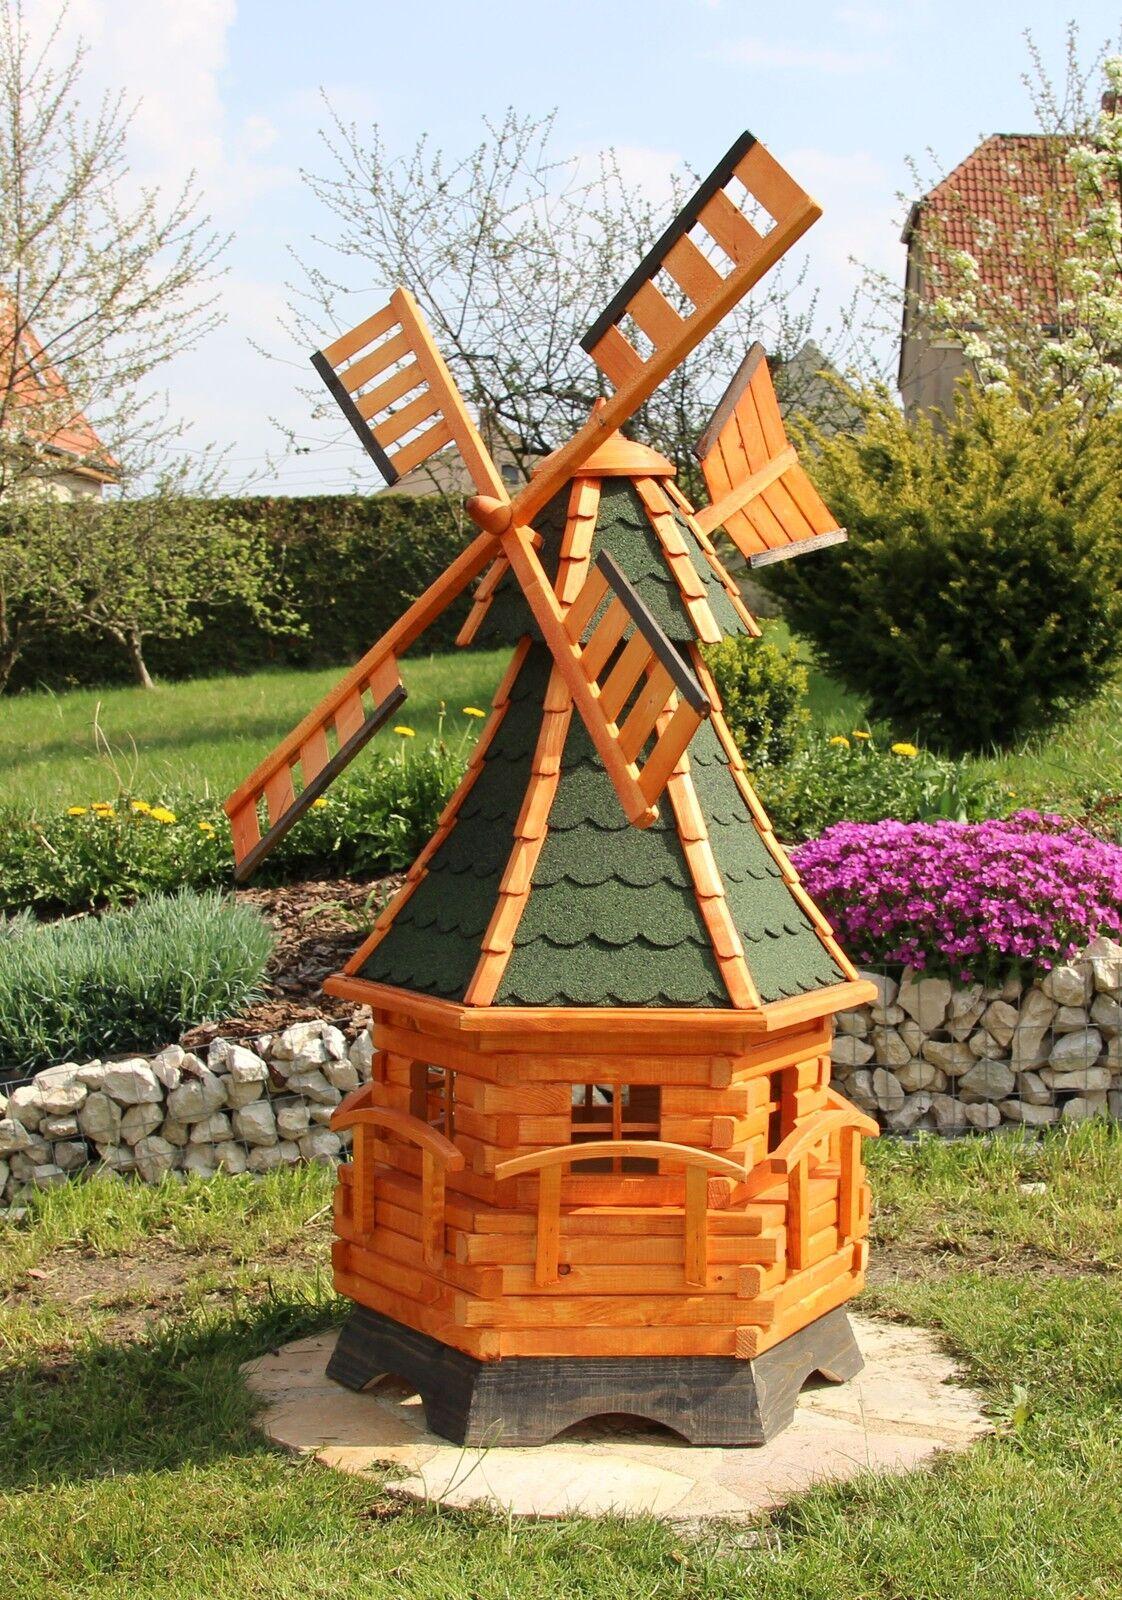 ampia selezione GRANDE gartenwindmühle con illuminazione illuminazione illuminazione LED Typ 12 scelta in 4 coloreI DEL TETTO  nuovo stile